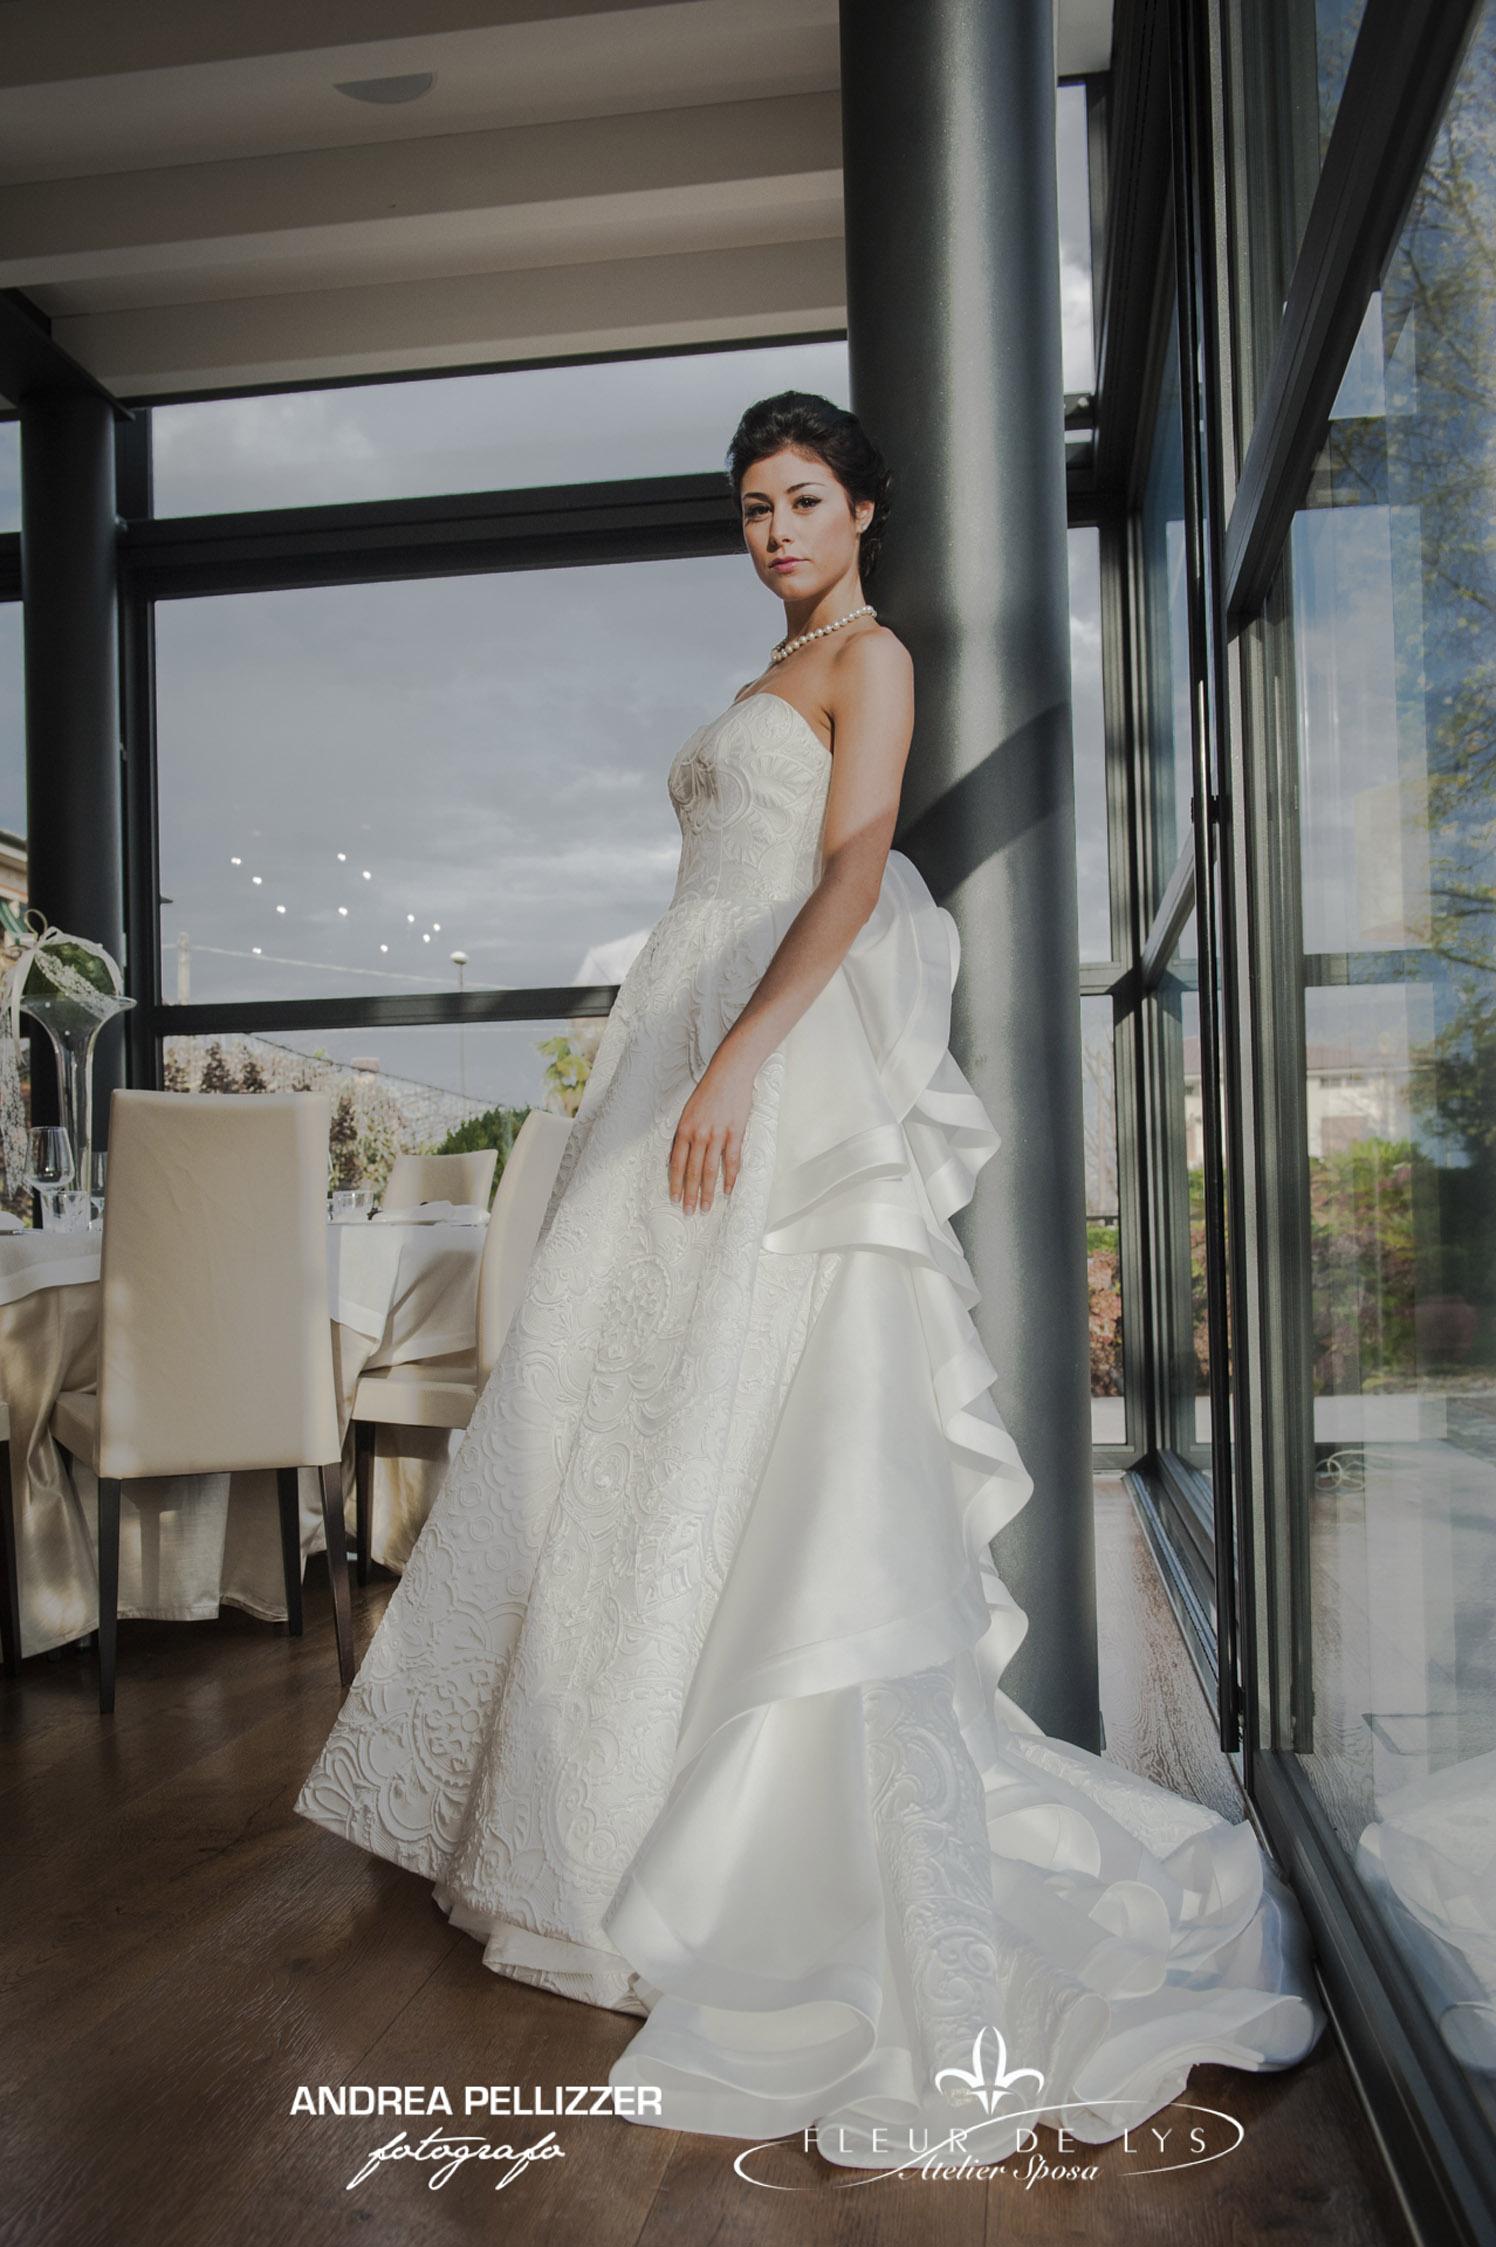 28-Atelier-Sposa-Matrimonio-provincia-di-Treviso